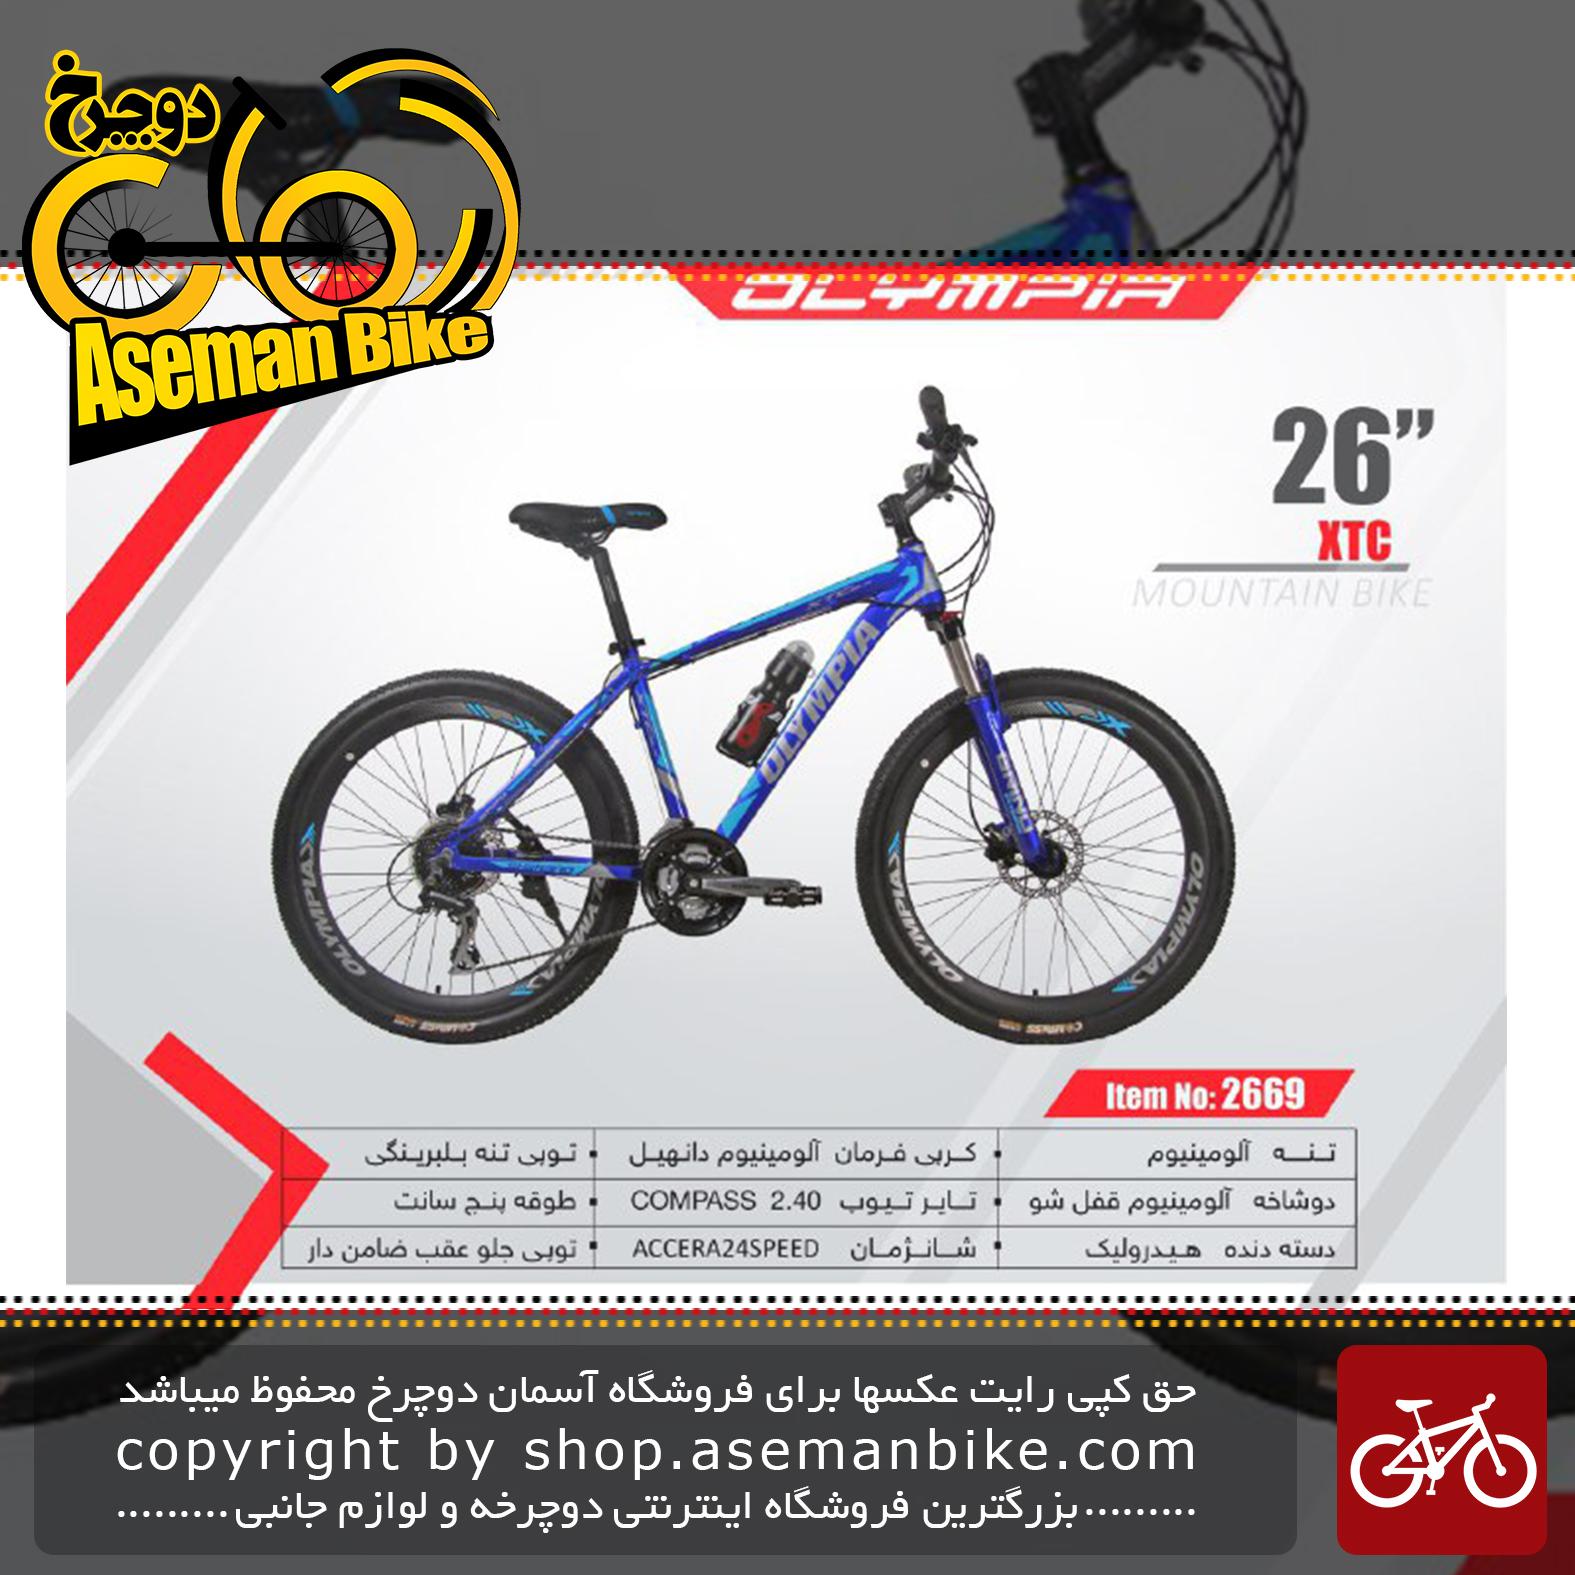 دوچرخه کوهستان المپیا سایز26 مدل ایکس تی سیOLYMPIA SIZE 26 xtc